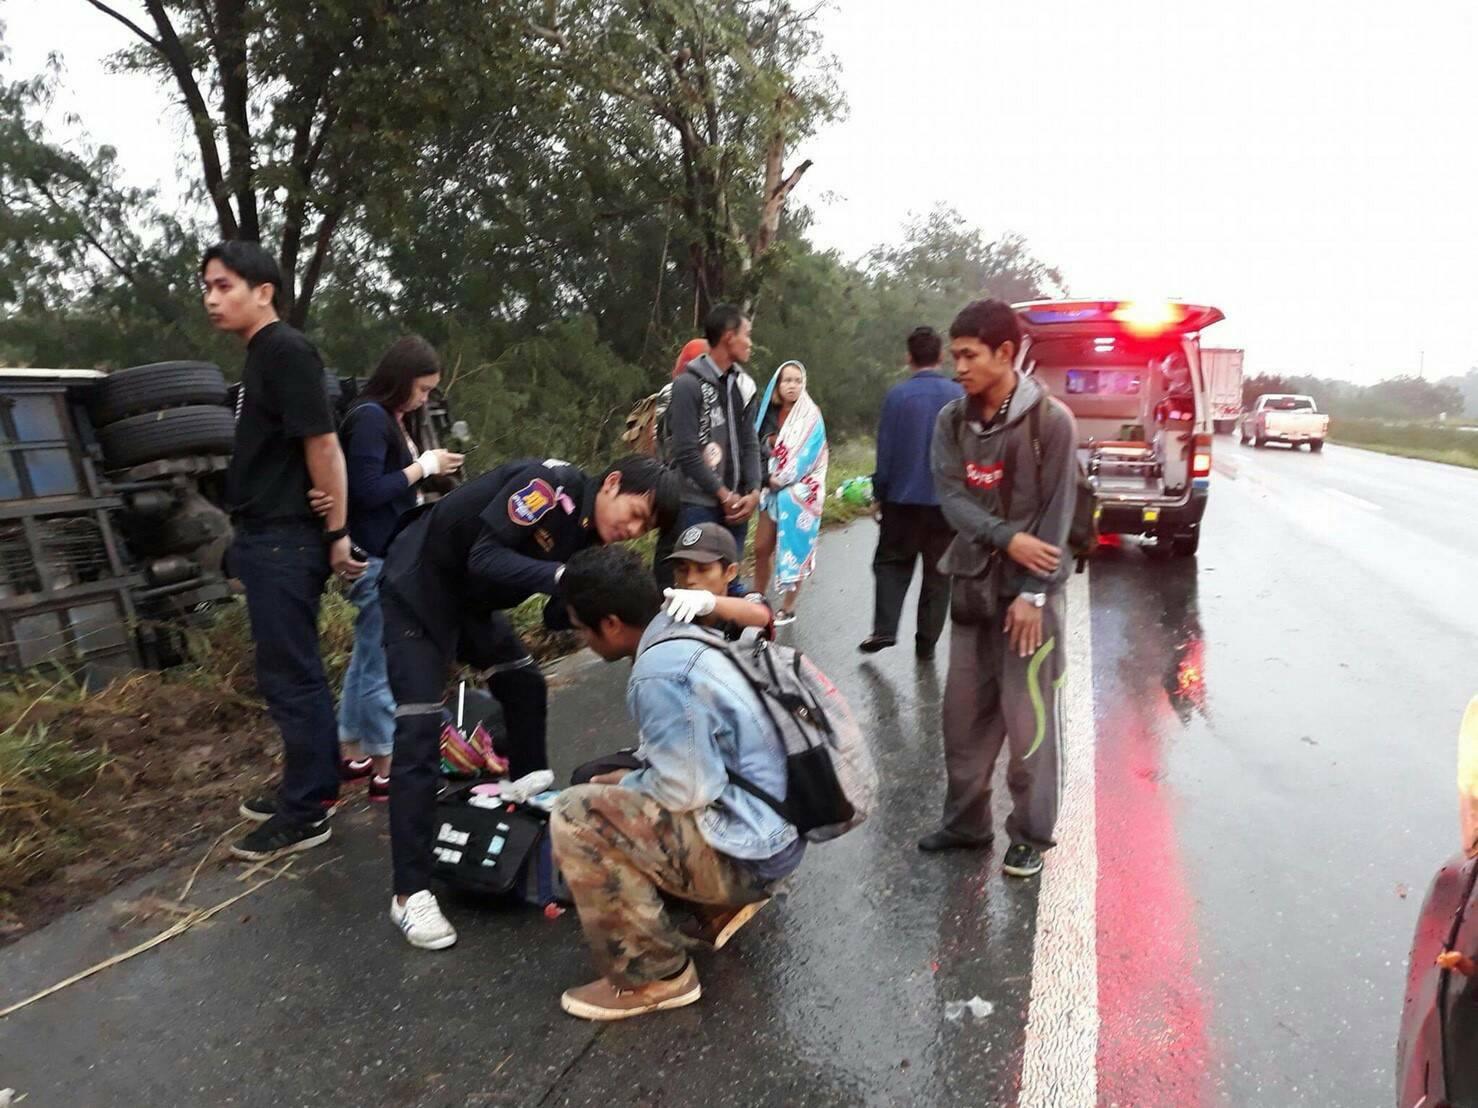 กรมขนส่งทางบก ลงดาบรถบัสเอกชนไถลลงข้างทาง พบเป็นรถลักลอบบริการผิดกฎหมาย